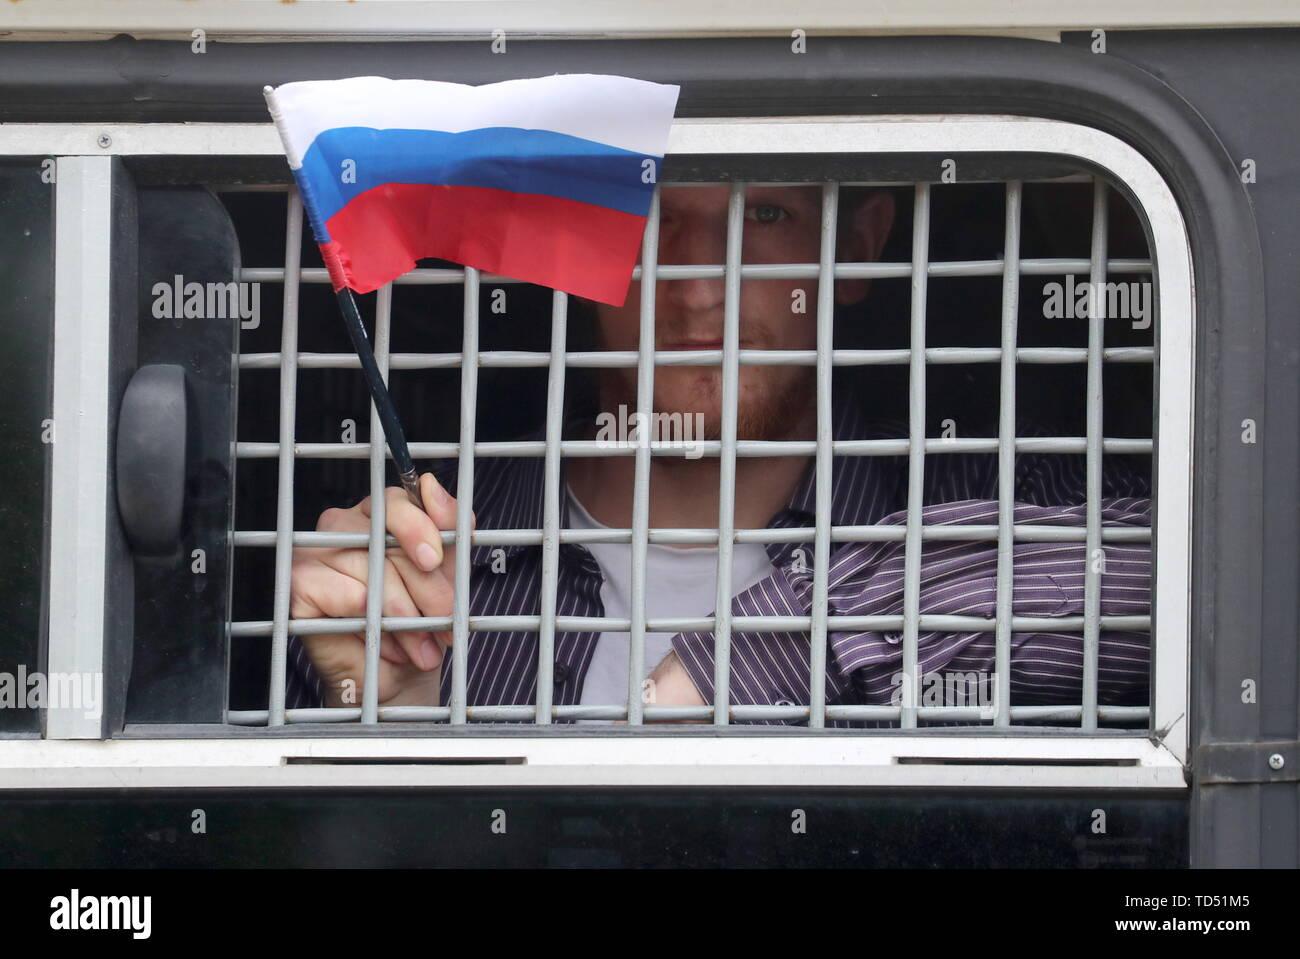 Moscou, Russie. 12 Juin, 2019. Moscou, Russie - 12 juin 2019: Un détenu participant à une manifestation en soutien de la journaliste russe Ivan qui Golunov a été libéré plus tôt à partir de la garde; Golunov, qui travaille pour le portail d'actualités en ligne Valdés, a été arrêté le 6 juin 2019 dans le centre de Moscou, le soupçon de trafic de drogue; la police a abandonné l'enquête contre l'Golunov en raison du manque de preuves. Sergei Savostyanov/crédit: TASS ITAR-TASS News Agency/Alamy Live News Photo Stock